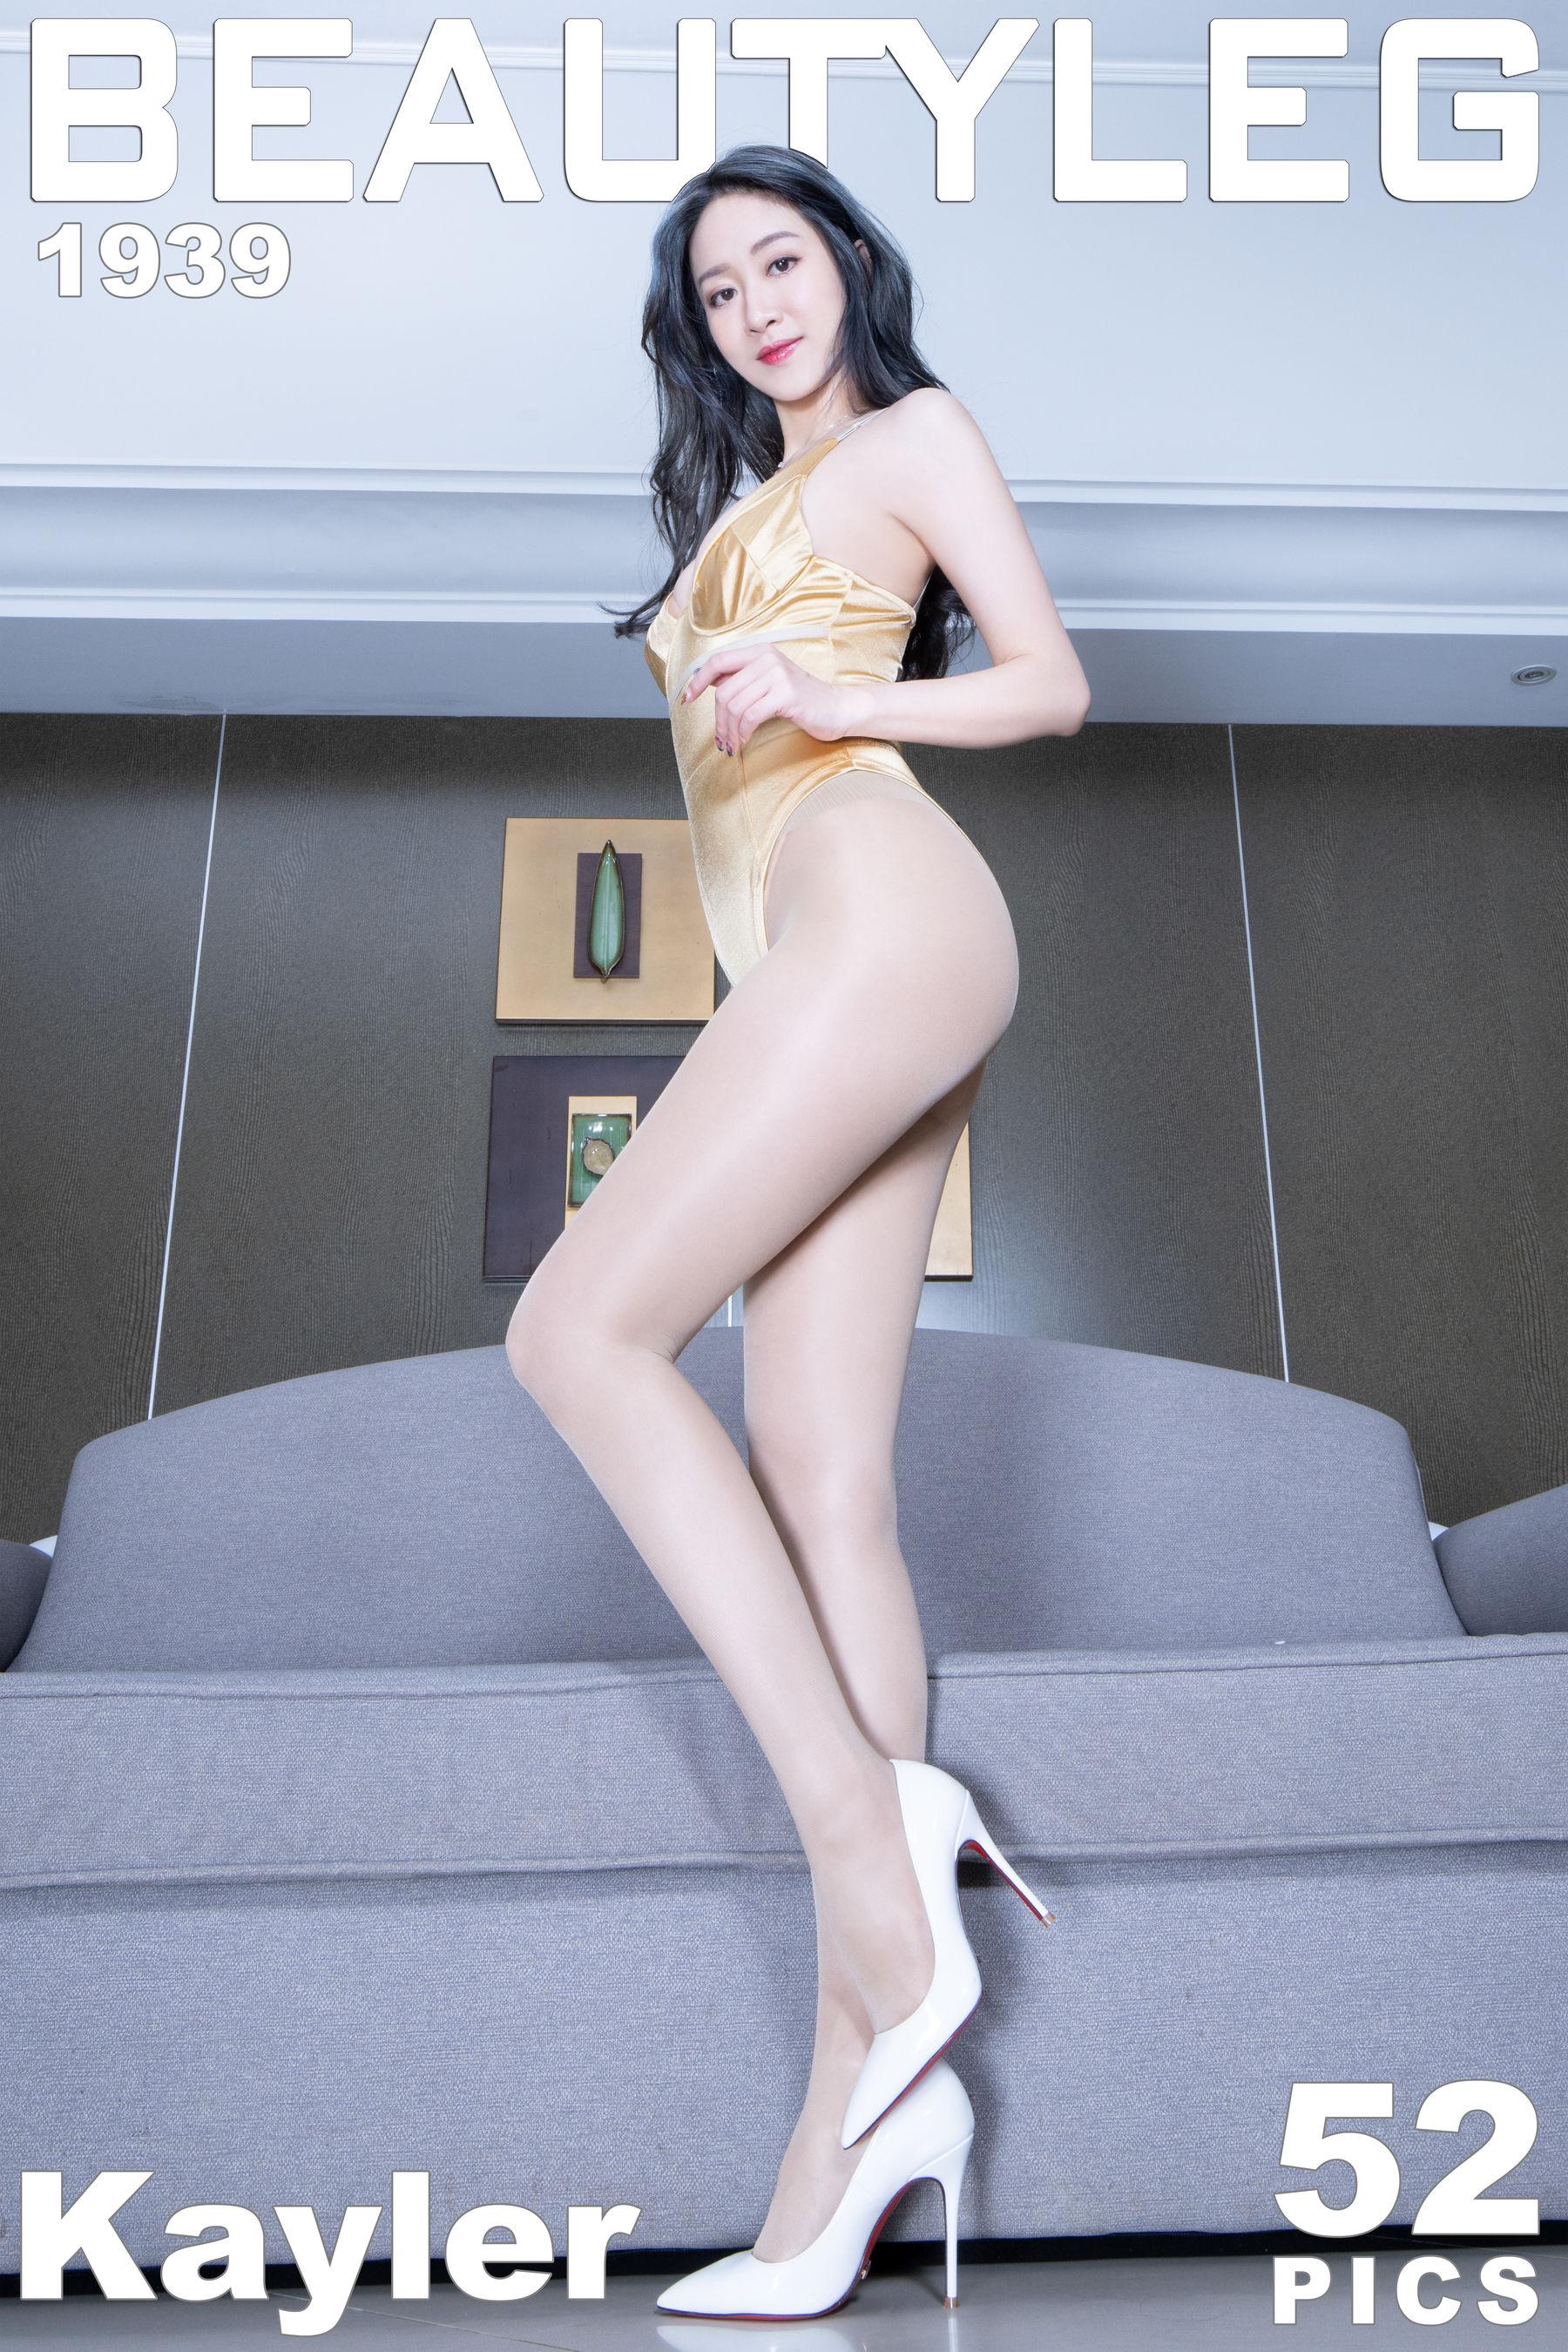 VOL.1281 [Beautyleg]高跟美腿:康凯乐(腿模Kaylar)超高清个人性感漂亮大图(47P)